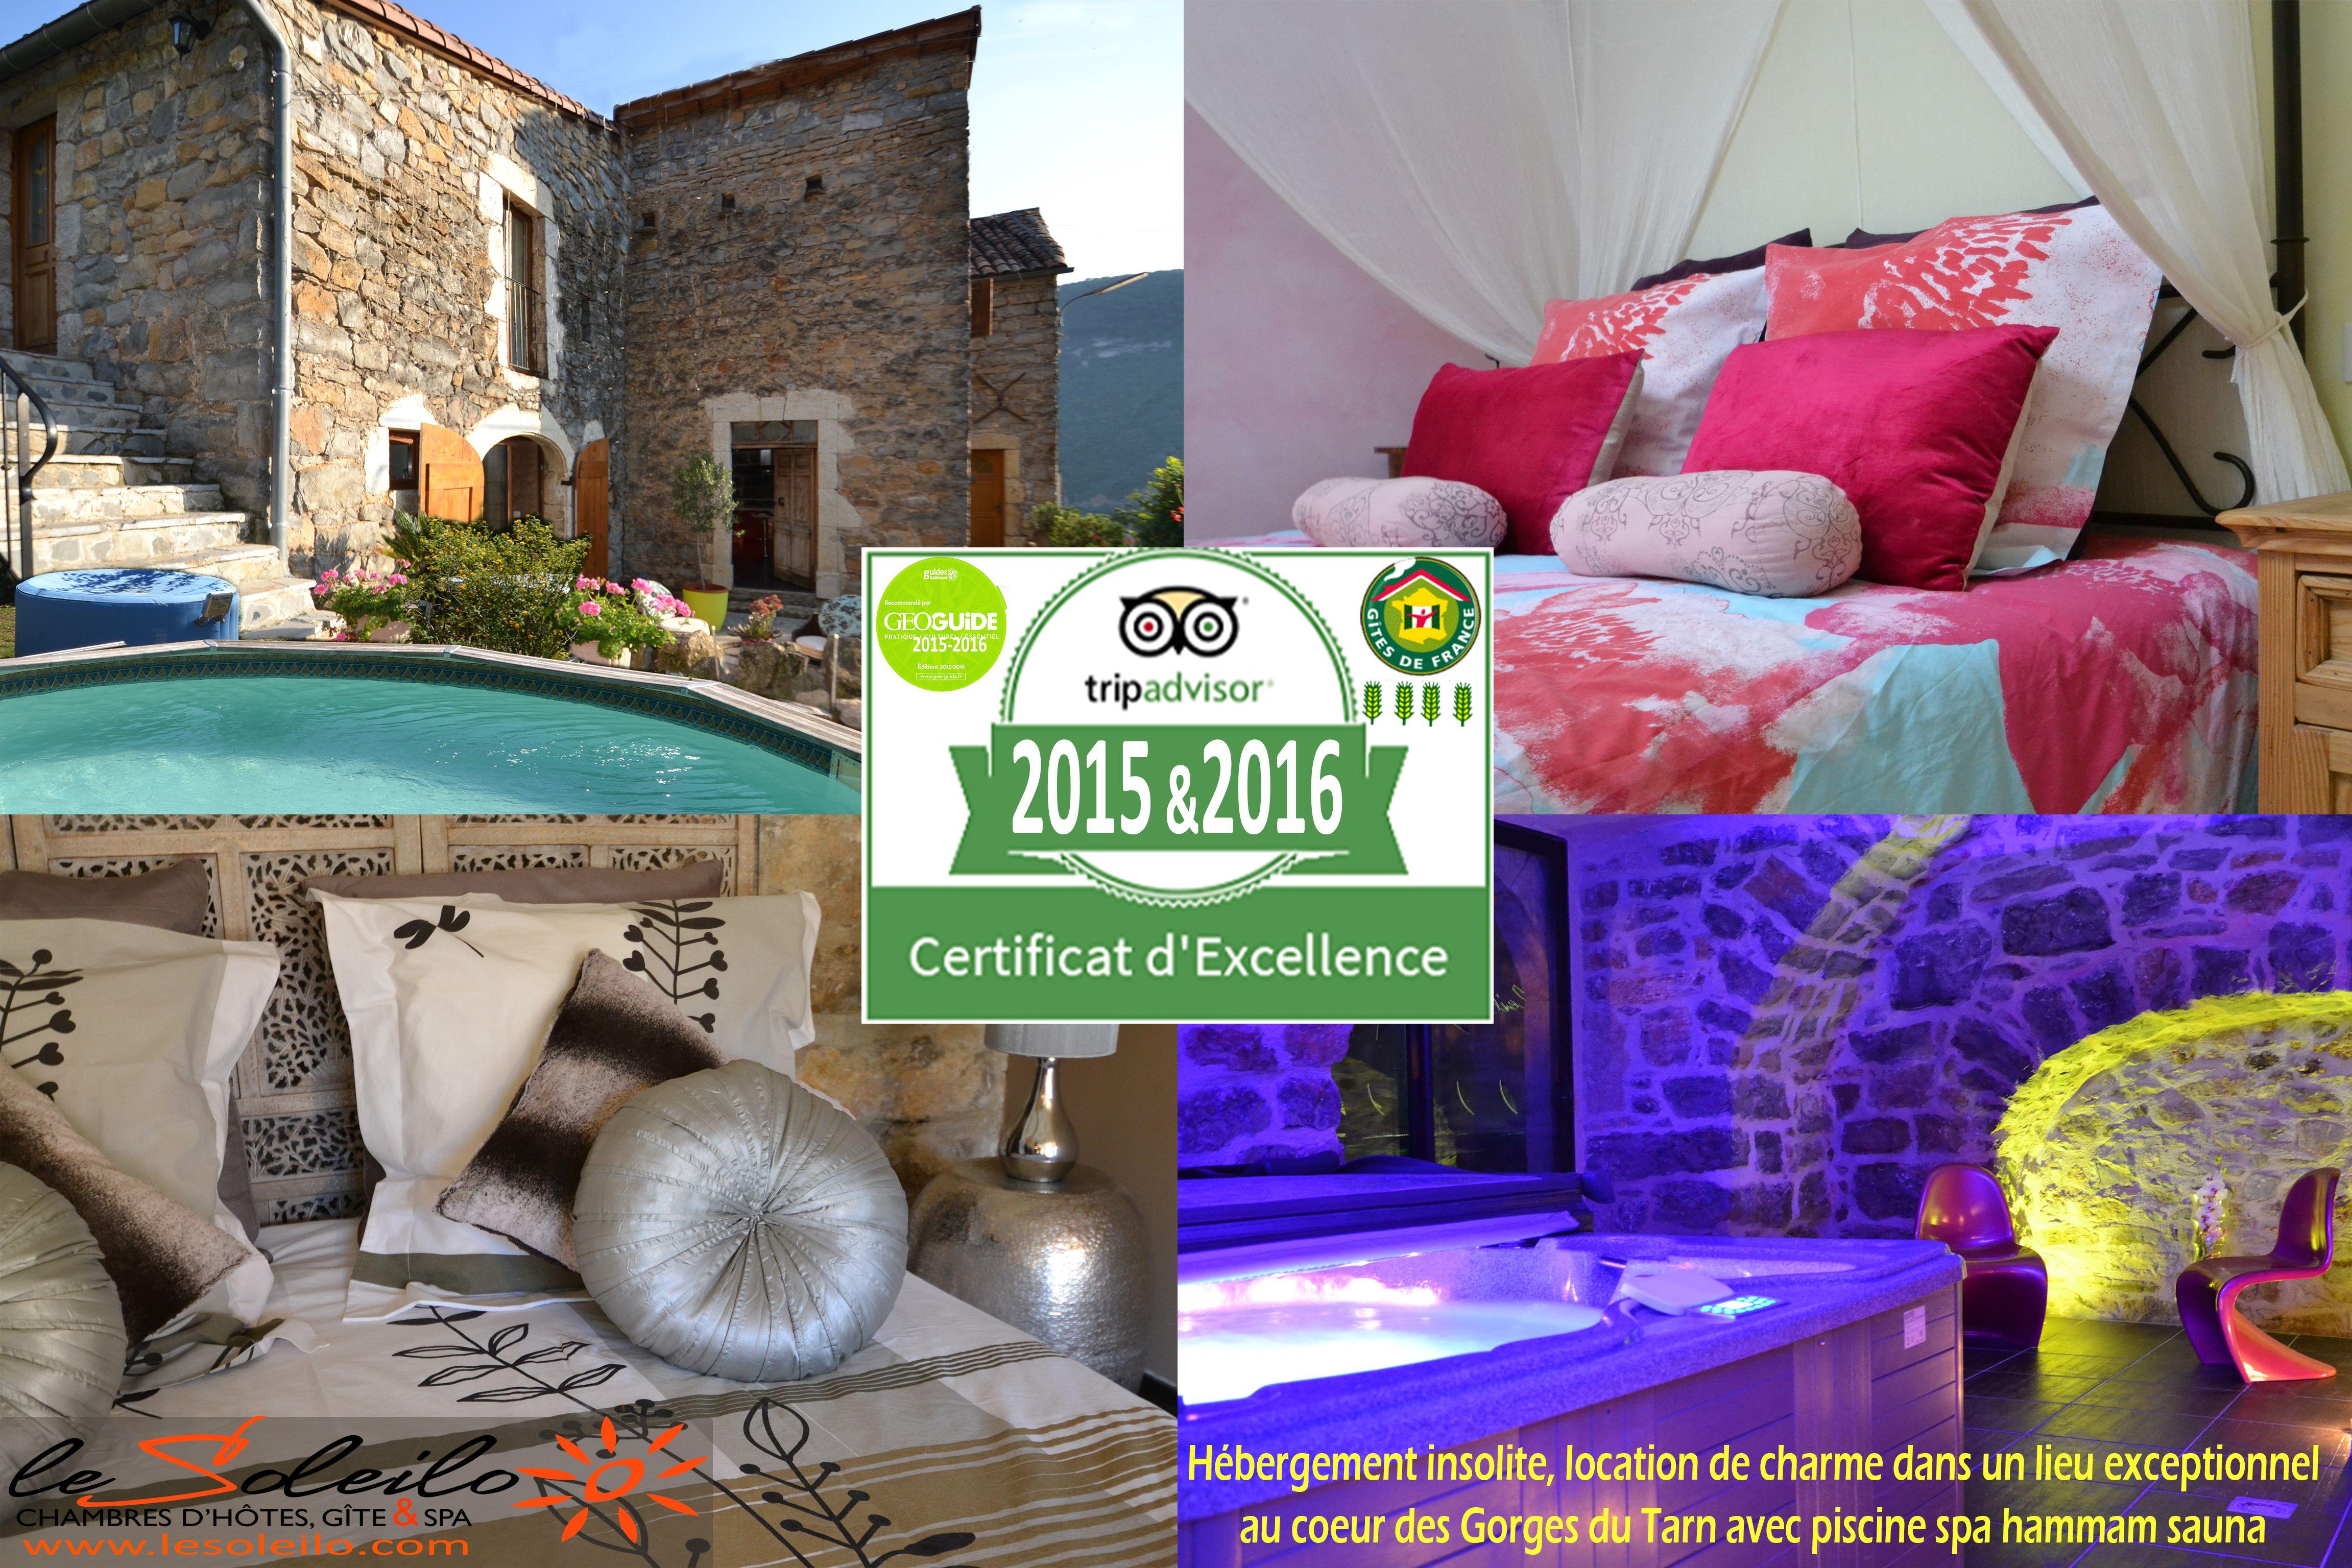 Certificat d excellence 2015 et 2016 le soleilo chambre - Chambre d hote couleur bois et spa ...